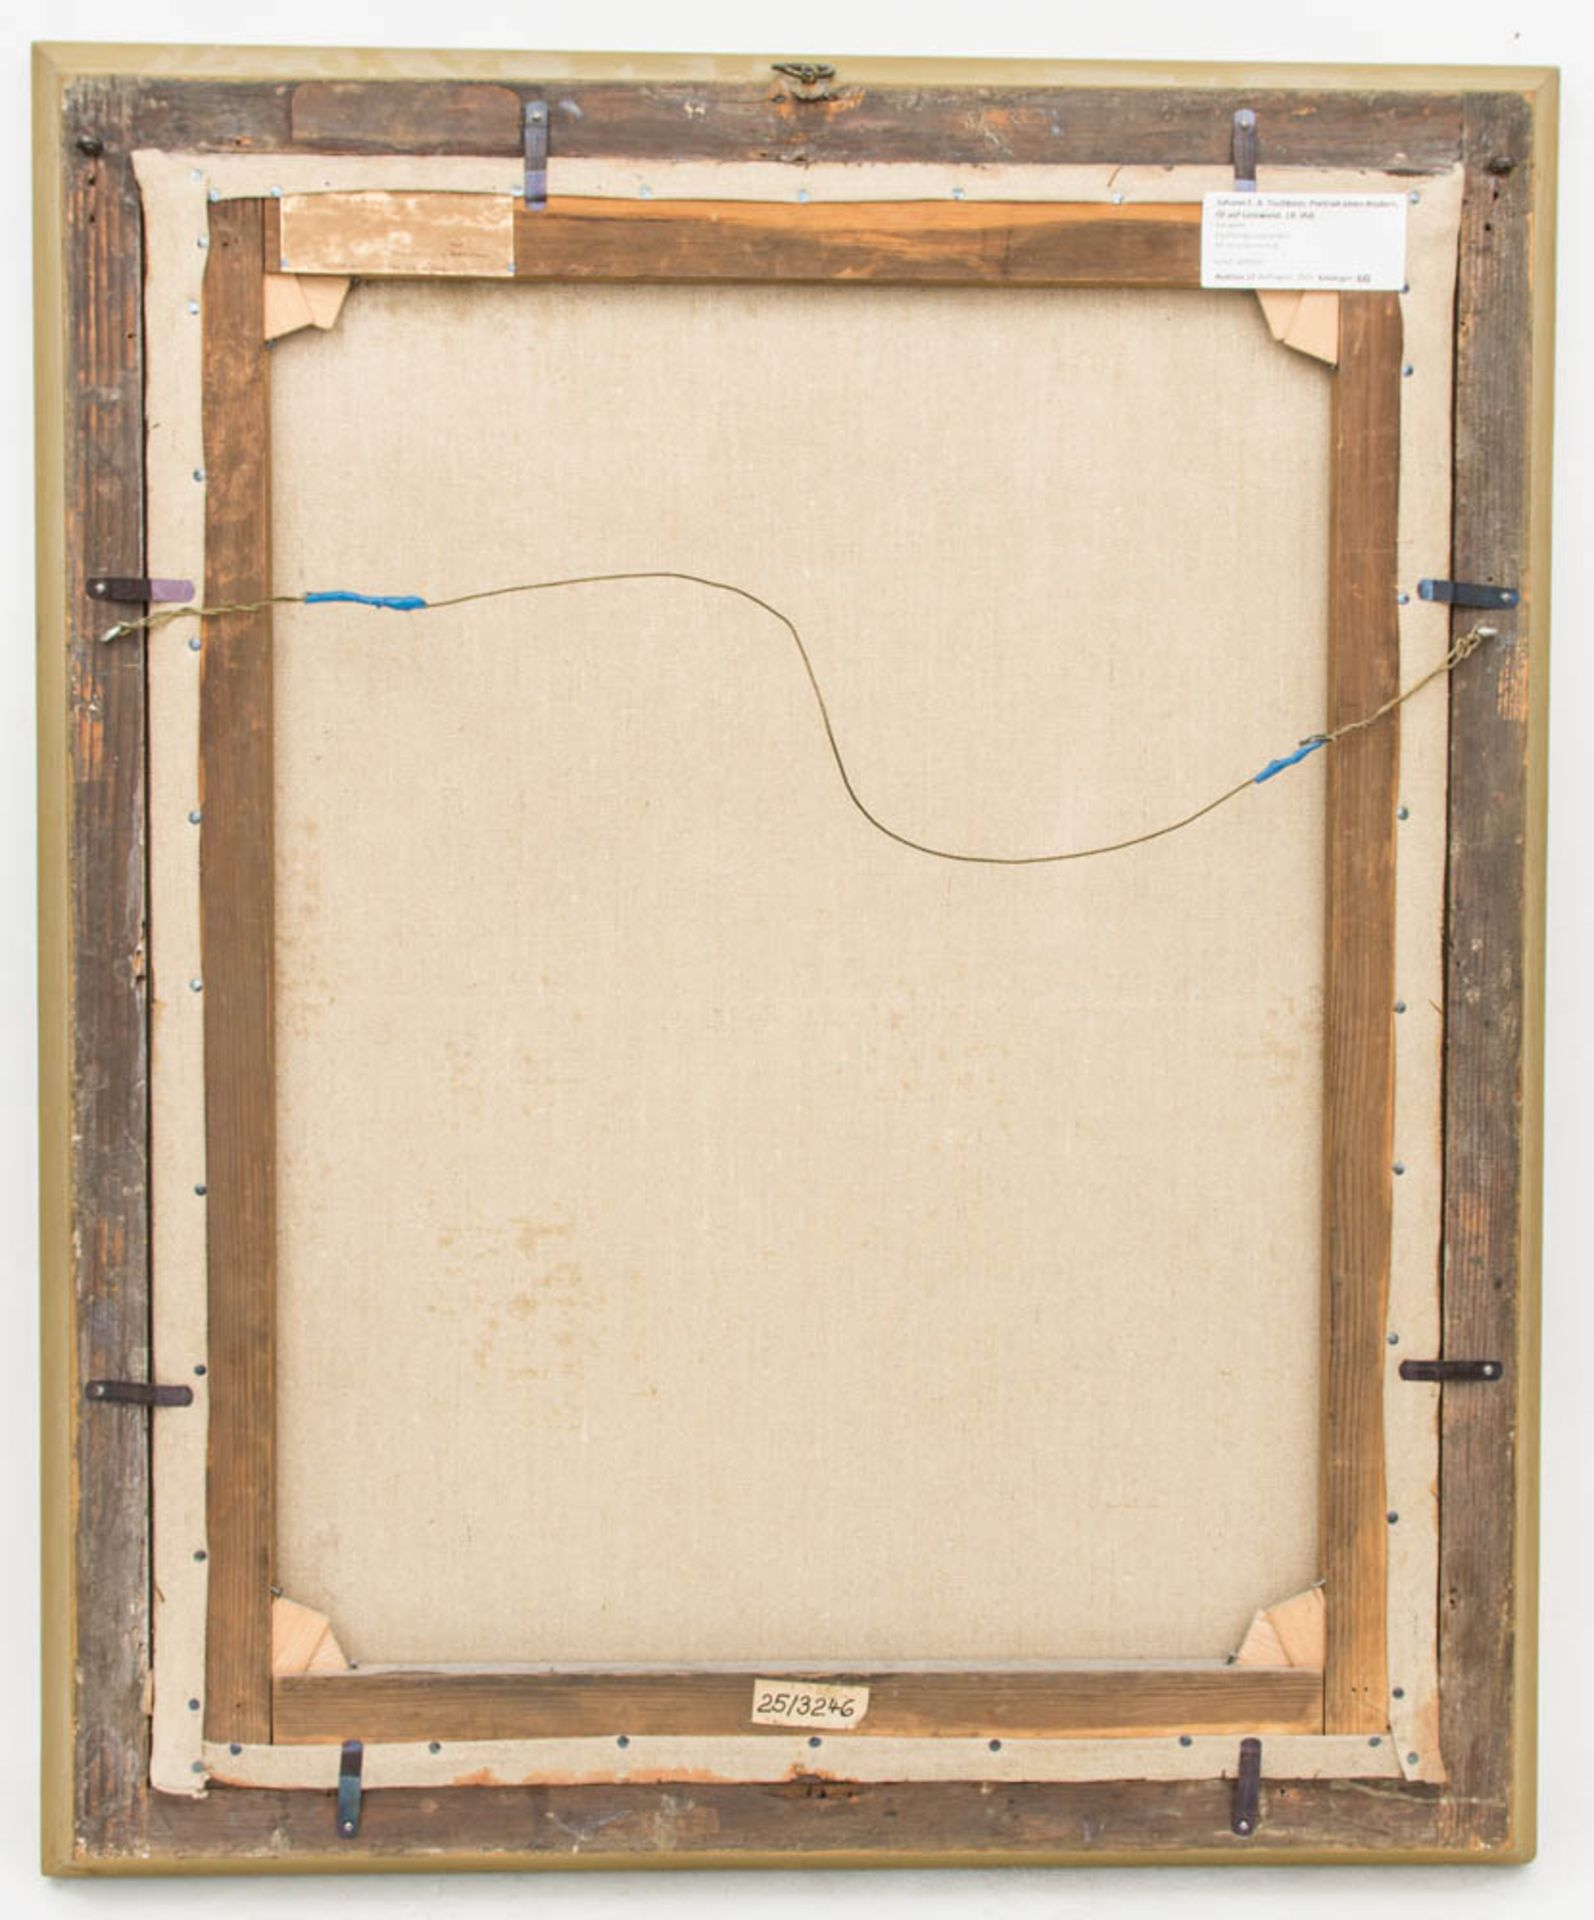 Johann F. A. Tischbein, Portrait eines Knaben, Öl auf Leinwand, 18. Jh.Gerahmt, nicht - Bild 4 aus 4